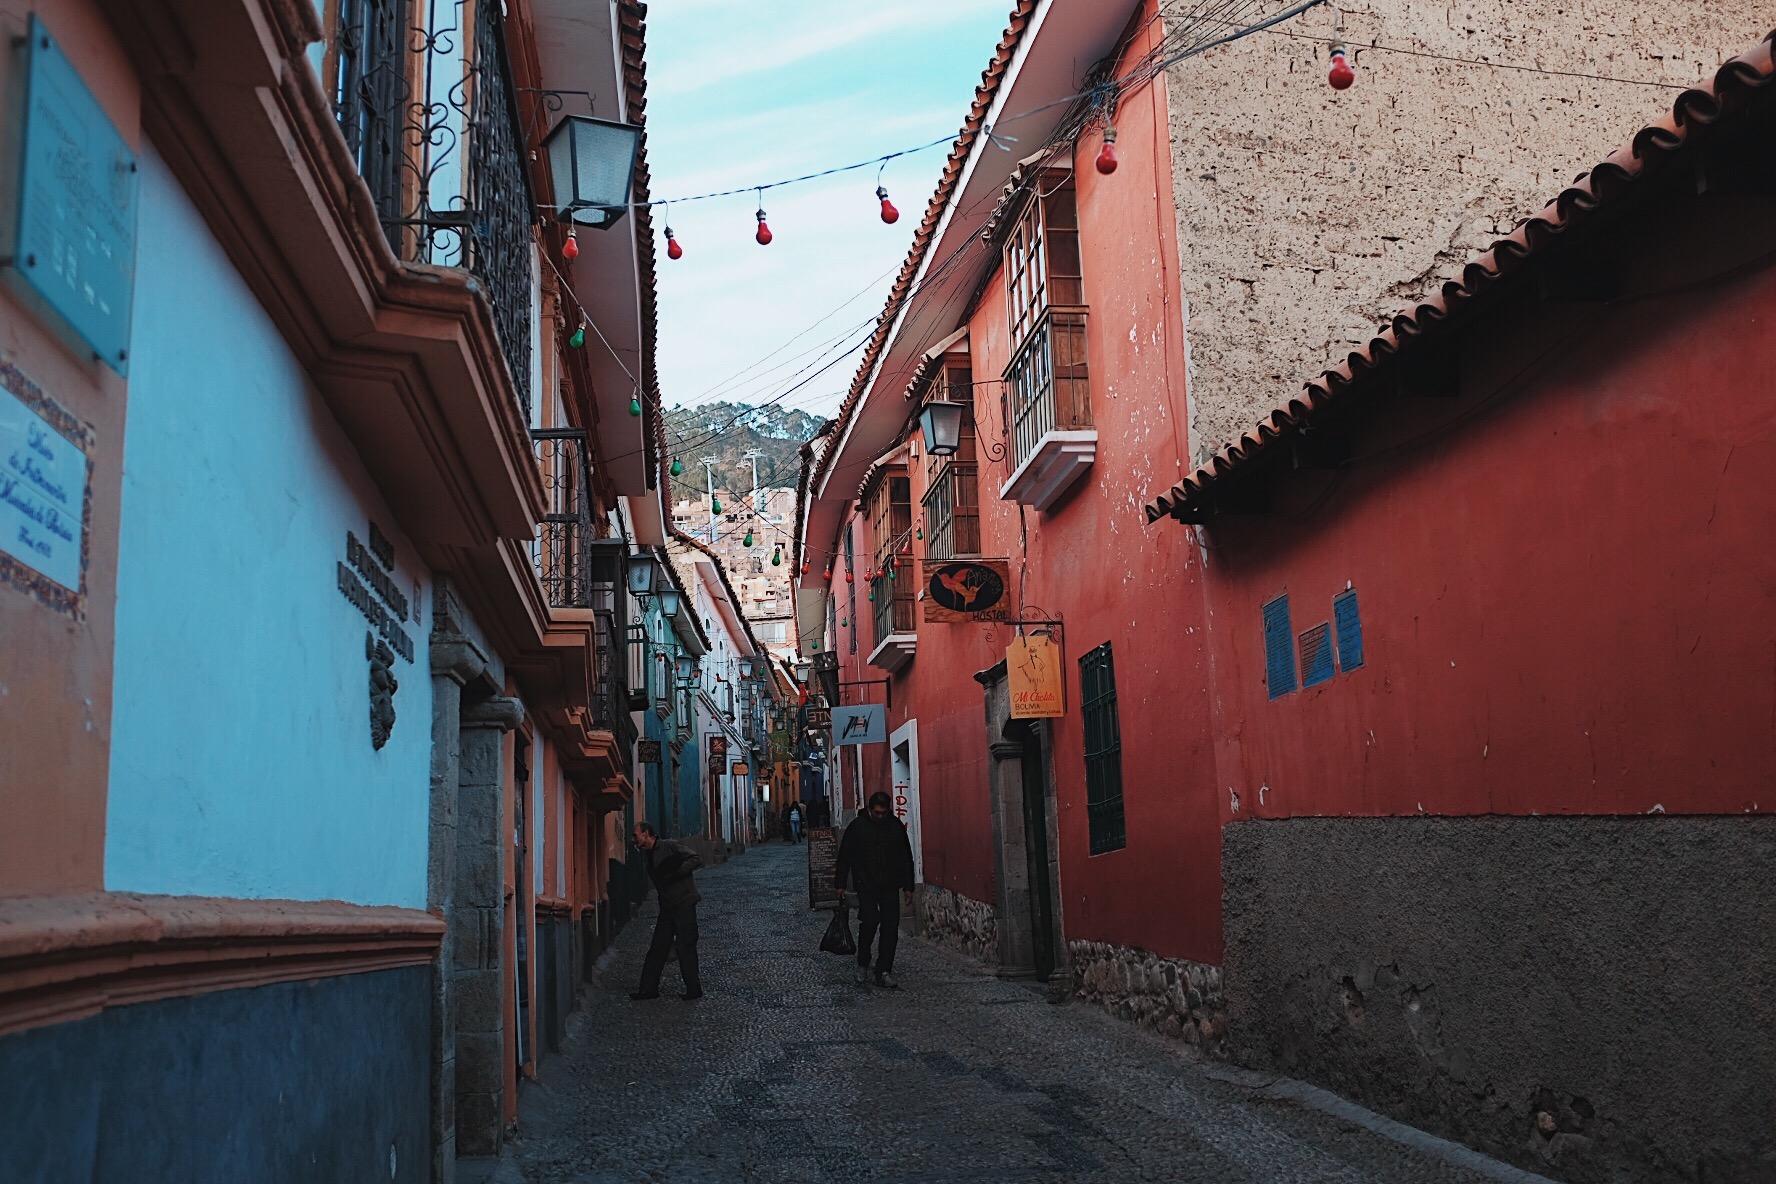 Calle Jaen in La Paz